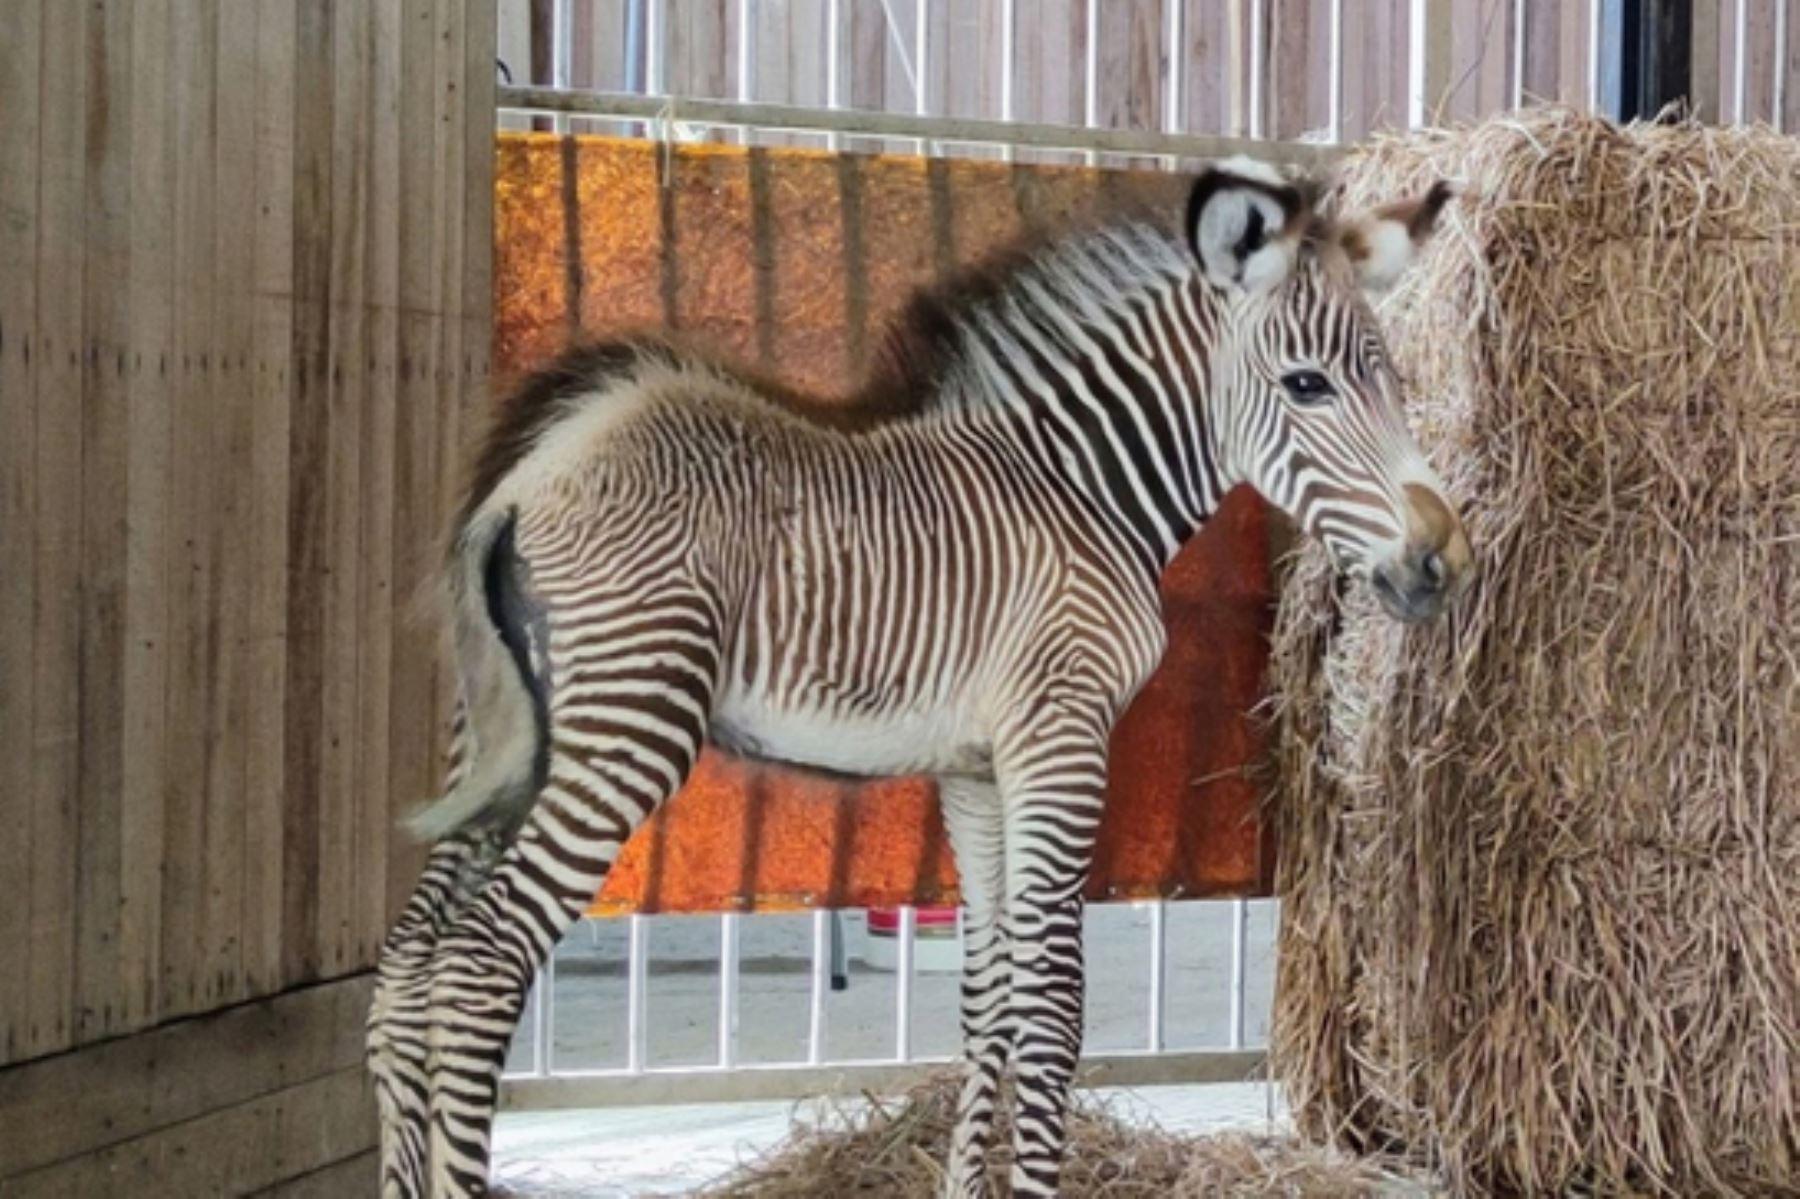 Grevy es de color marrón con rayas blancas, que cambiarán a medida que llegue a la adultez. Esta especie es nativa del continente africano. Foto: ANDINA/Parque de Las Leyendas